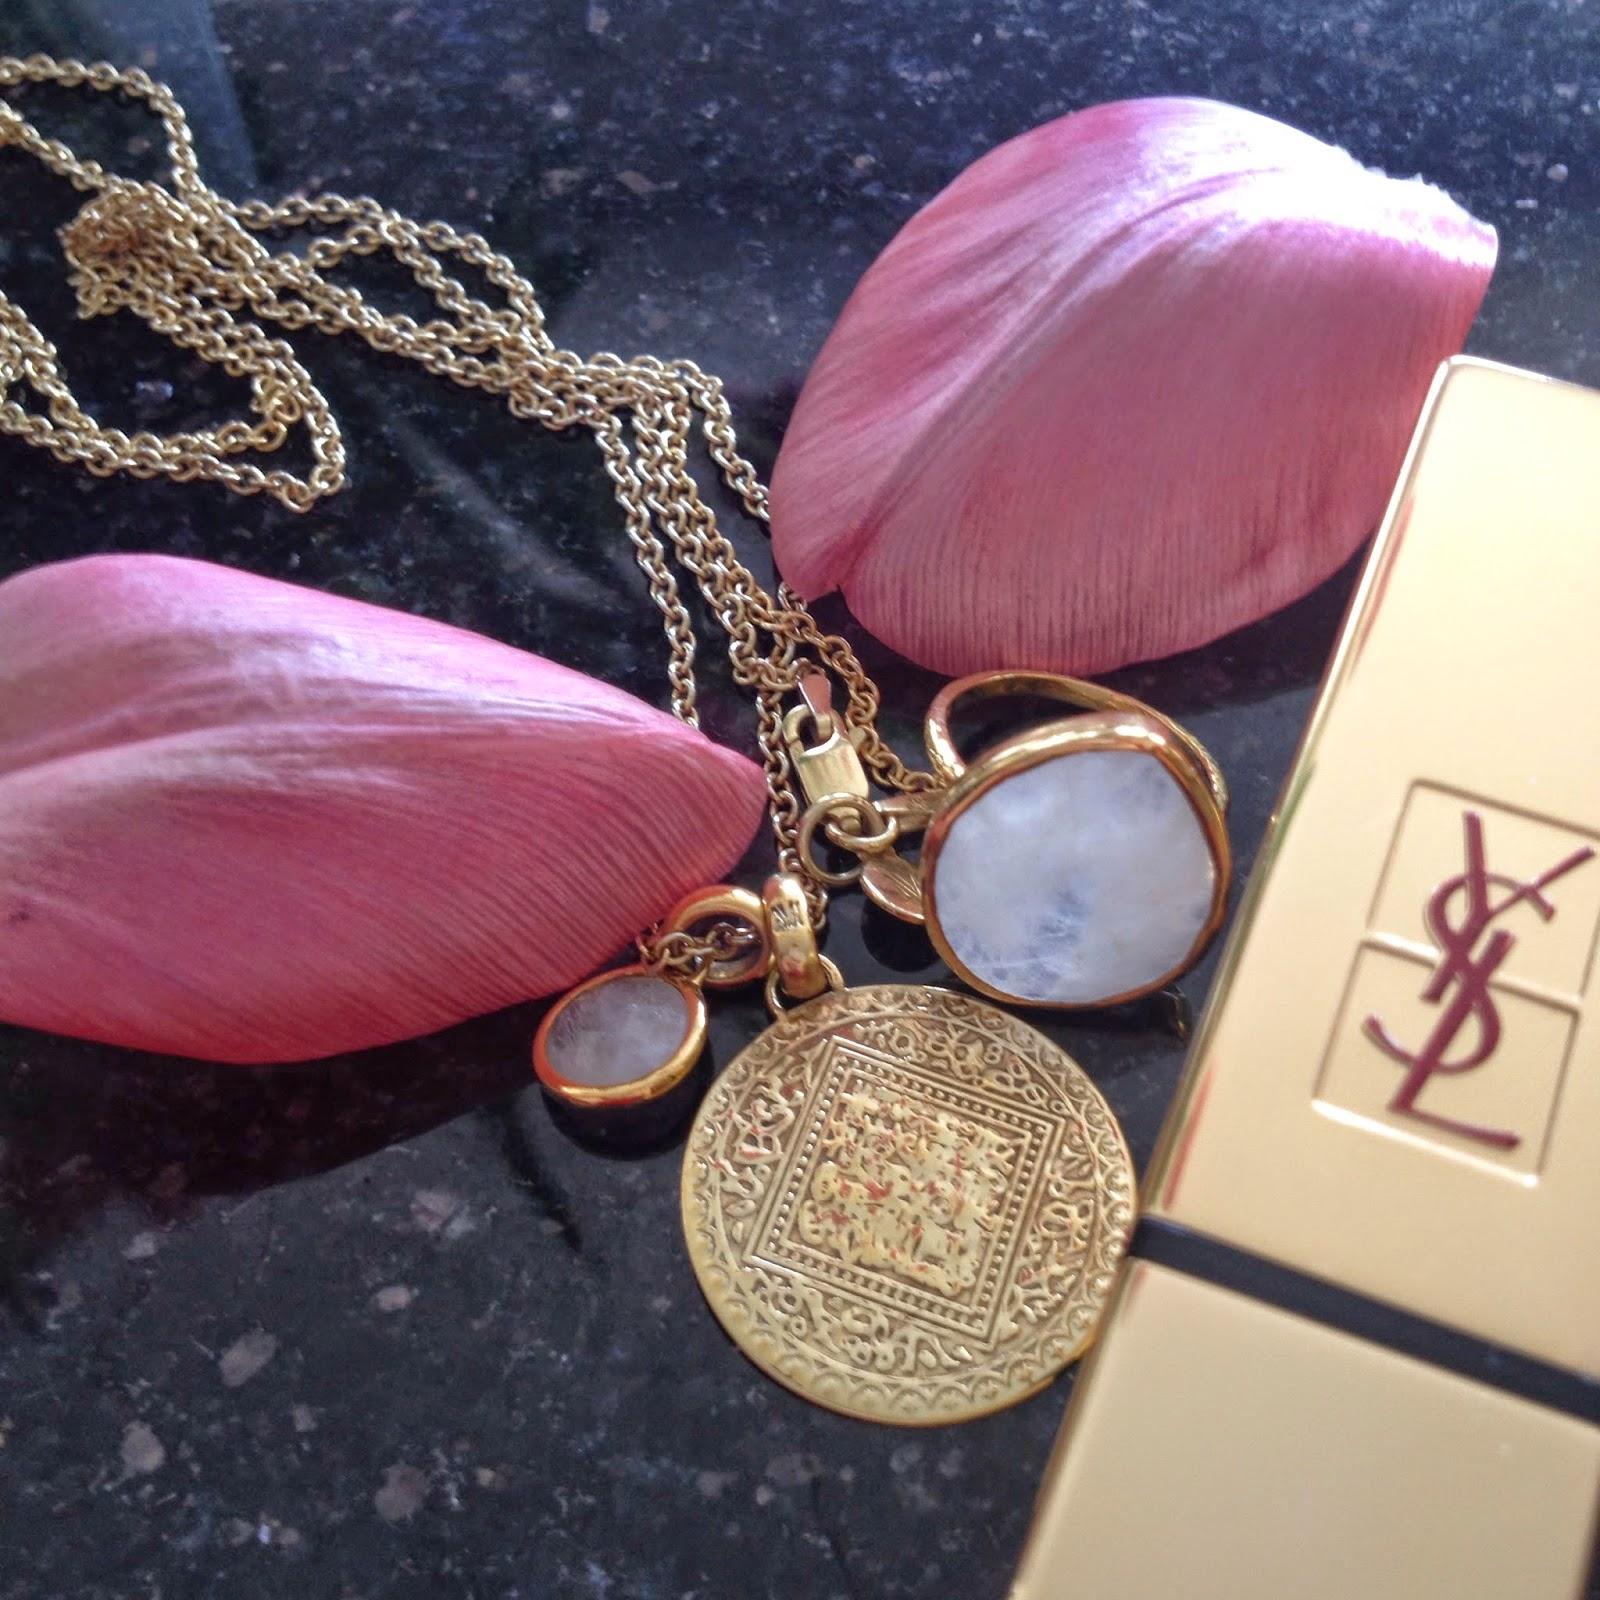 monica vinader pedant, monica vinader jewellery, monica vinader necklace, ysl lipstick, ysl makeup